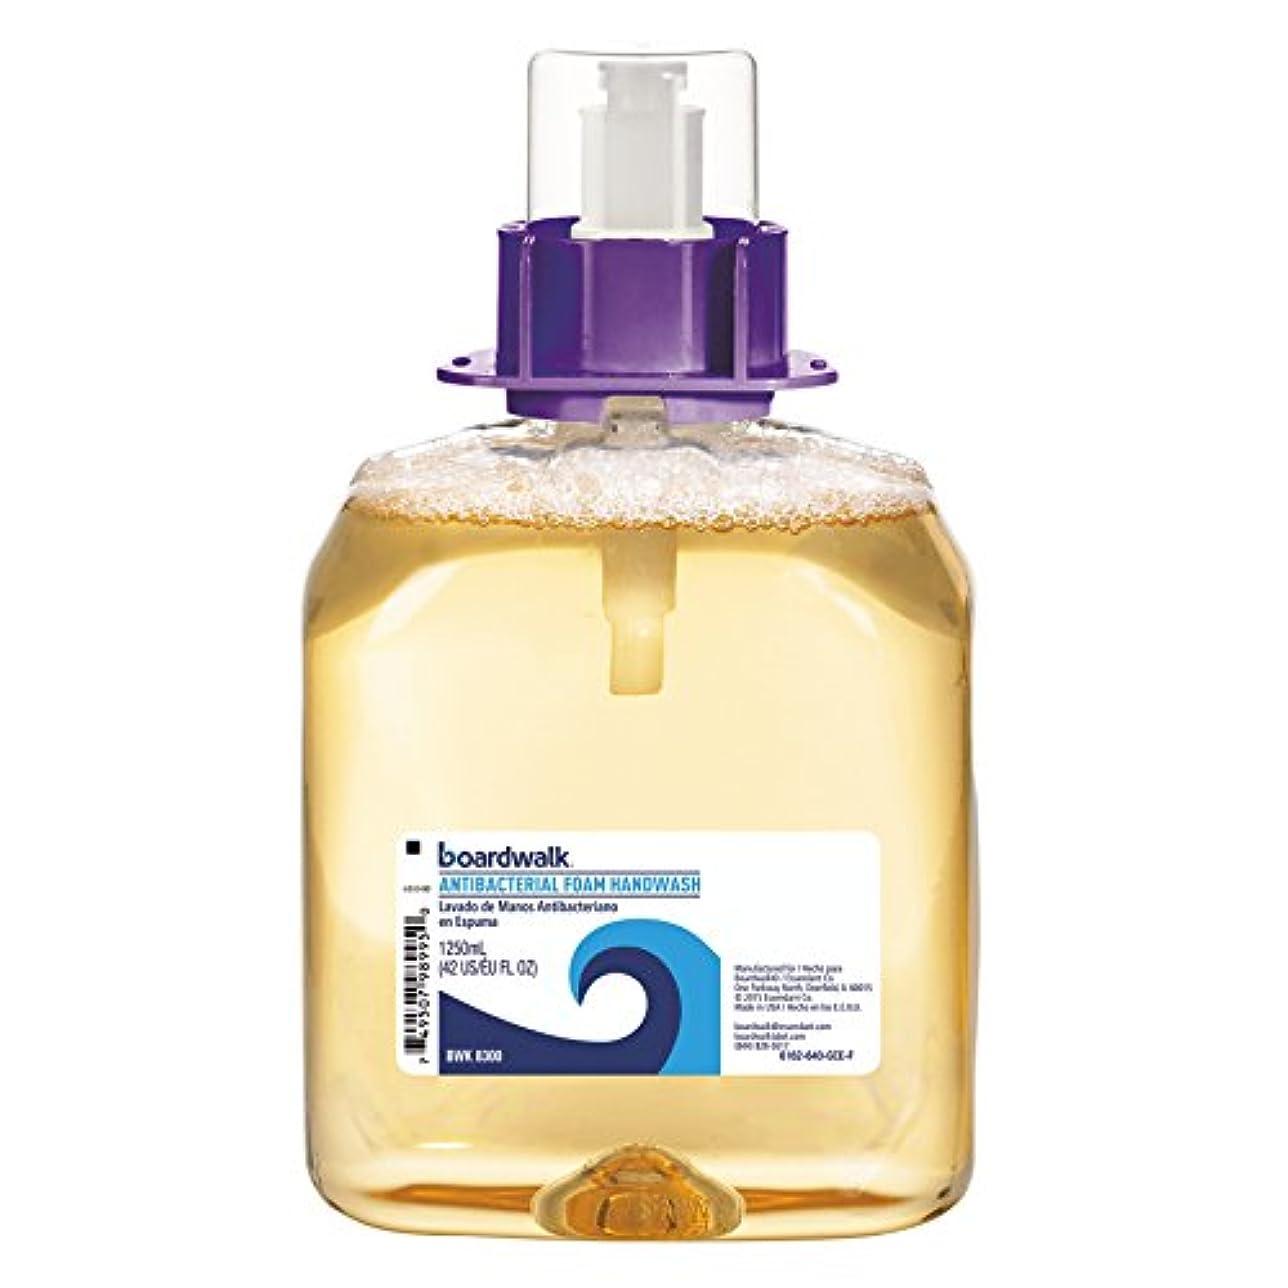 無能休日郵便屋さんFoam Antibacterial Handwash, Sweet Pea, 1250ml Refill, 4 per Carton (並行輸入品)